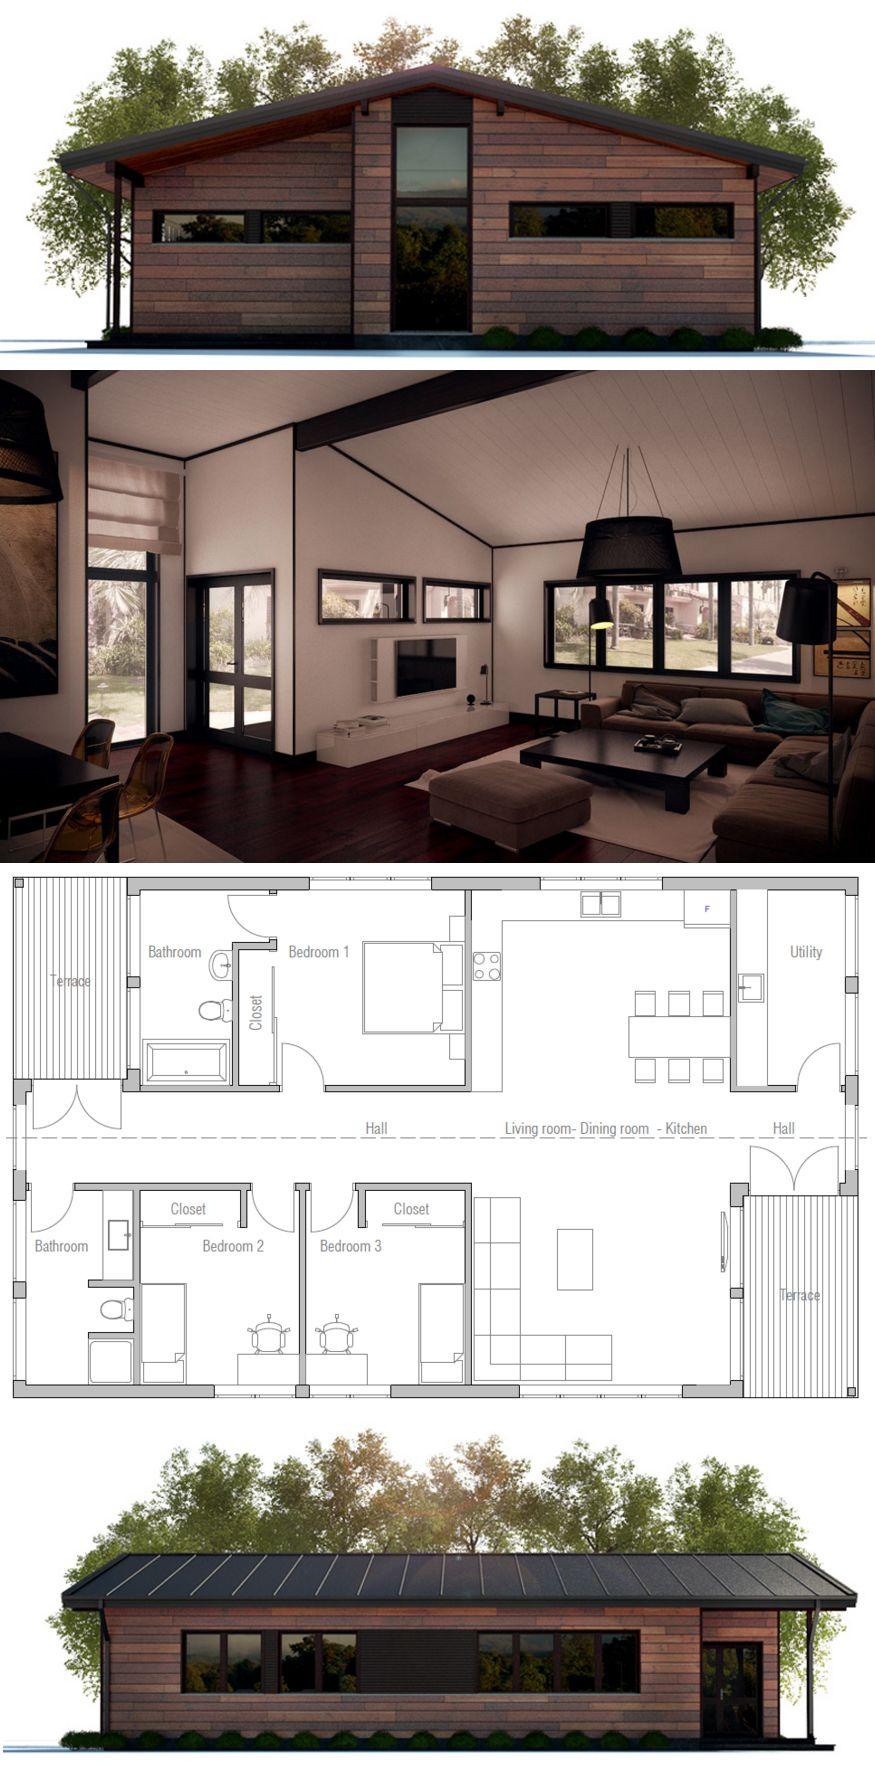 Hausplan | My Houses | Pinterest | Grundrisse, Architektur und Wohnungen